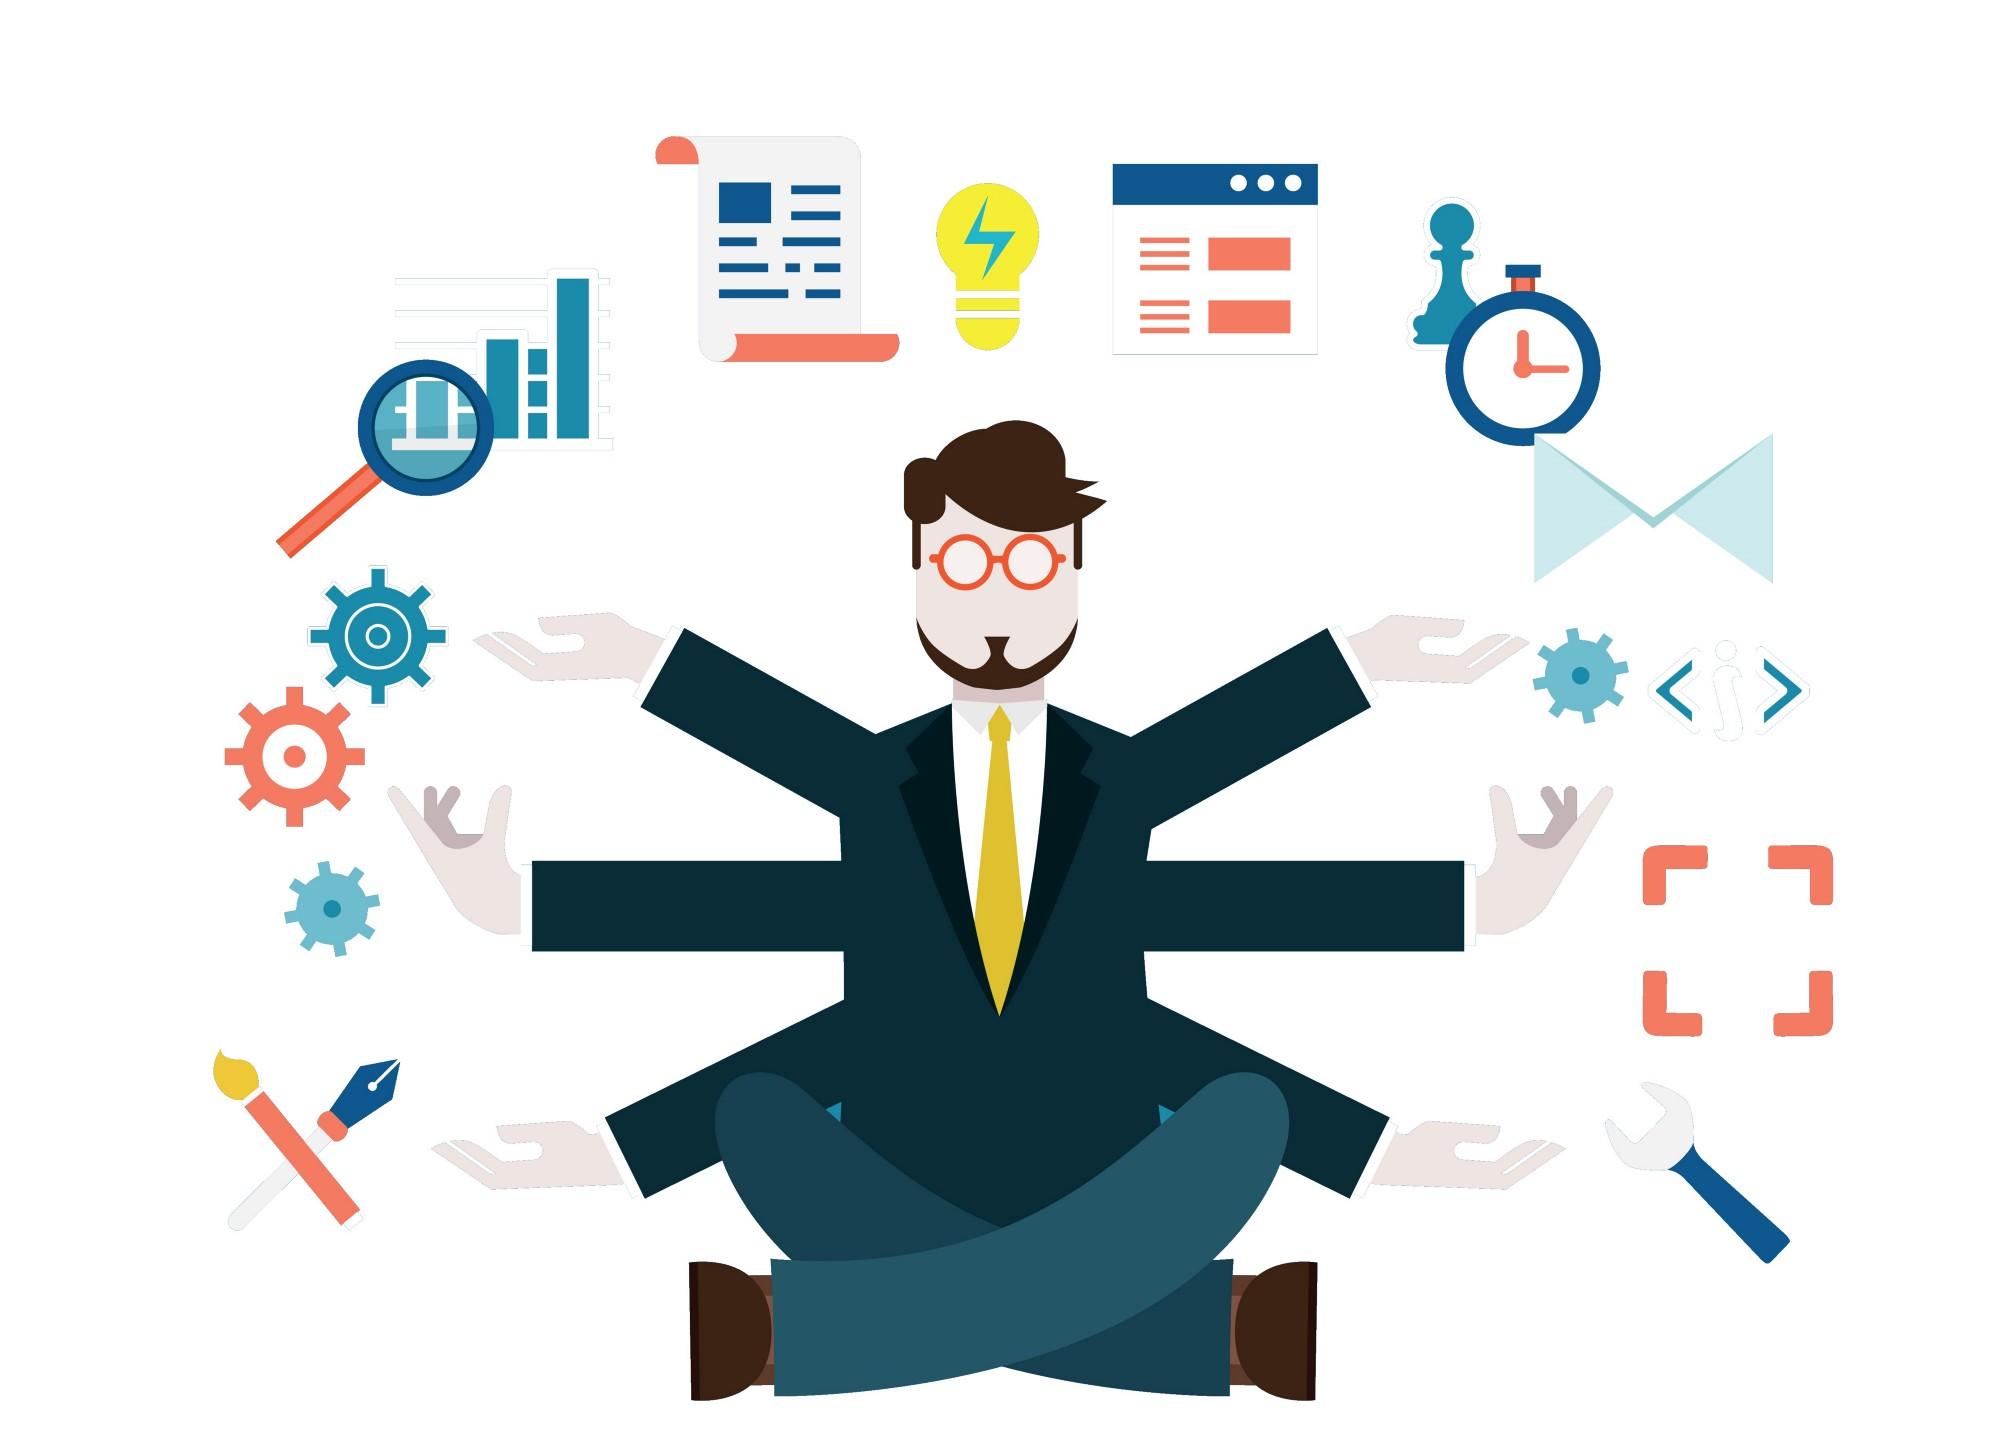 نقش مدیر محصول در استارتاپ